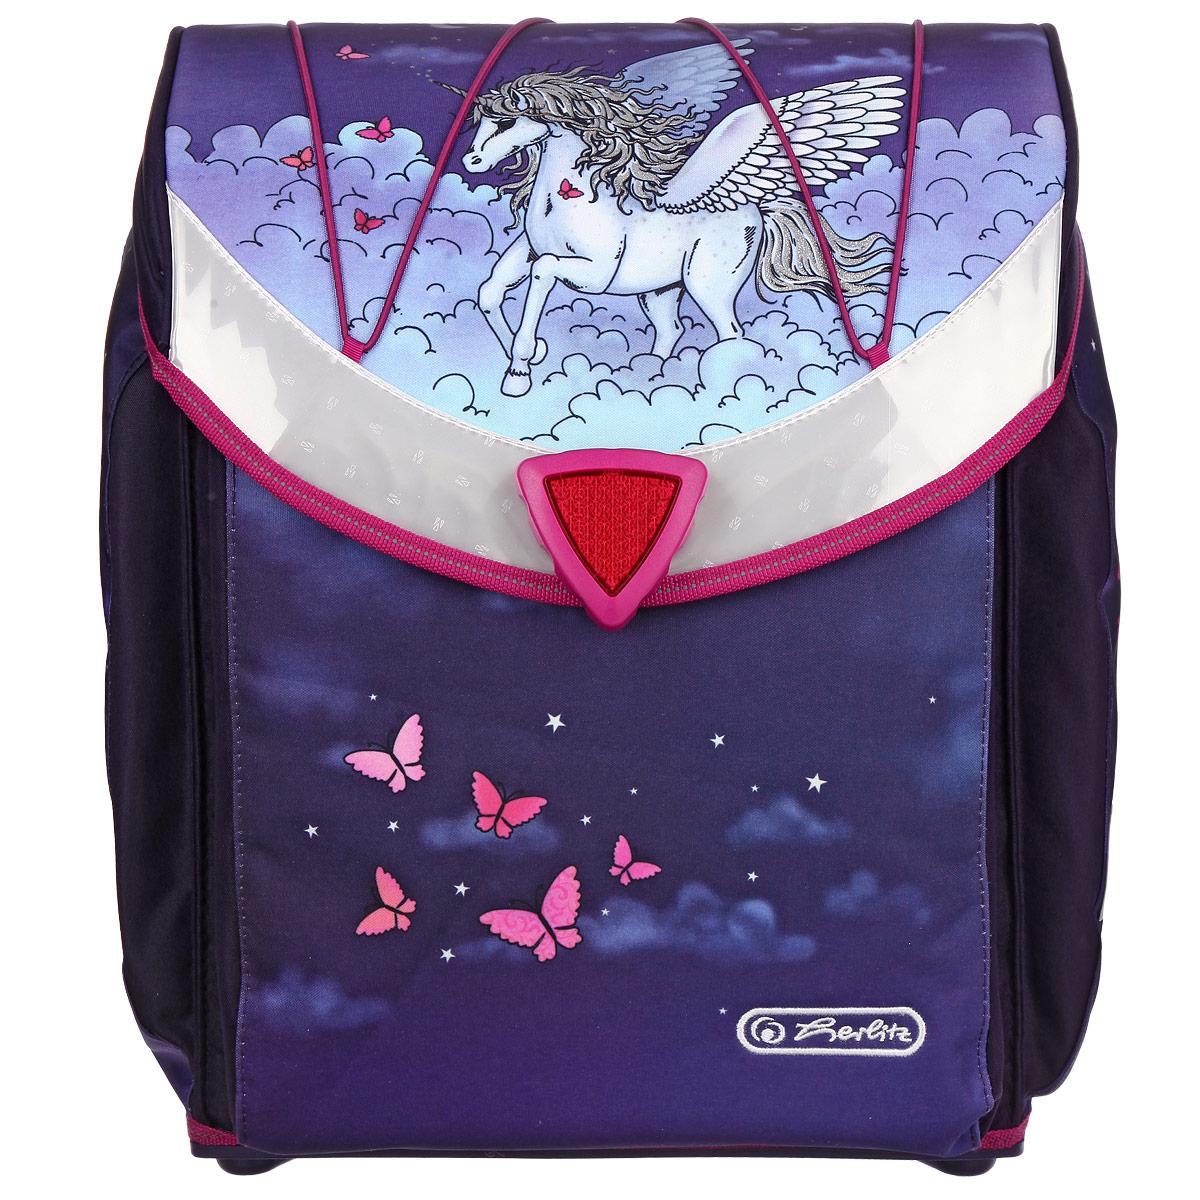 Ранец школьный Herlitz Flexi Pegasus, цвет: фиолетовый11280062Школьный ранец Herlitz Flexi Pegasus станет для вашего ребенка надежным спутником в получении знаний. Ранец с жестким корпусом выполнен из прочного водооталкивающего материала фиолетового цвета и оформлен изображением пегаса. Ранец содержит два вместительных отделения. Внутри одного из них находится фиксатор для тетрадей и учебников. Внутри второго отделения расположены текстильная перегородка с уплотнителем и большой карман-сеточка на застежке-молнии. Ранец закрывается клапаном с поворачивающейся магнитной защелкой. На внутренней части клапана находятся два пластиковых кармашка, в которые можно поместить расписание уроков и визитку с личными данными владельца.Сверху на клапане имеется эластичная шнуровка, с помощью которой на ранце можно закрепить куртку.По бокам ранца расположены два внешних потайных кармана, которые закрываются на застежки-молнии. Бегунки на застежках дополнены металлическими держателями с надписью Herlitz. Ортопедическая спинка позволяет уменьшить нагрузку на спину.Ранец оснащен широкими мягкими лямками, регулируемыми по длине, которые равномерно распределяют нагрузку на плечевой пояс, и удобной ручкой для переноски в руке.Днище ранца выполнено из легкого, но прочного пластика, легко моется и позволит продлить срок службы ранца. Светоотражающие элементы не оставят незамеченным вашего ребенка в темное время суток.